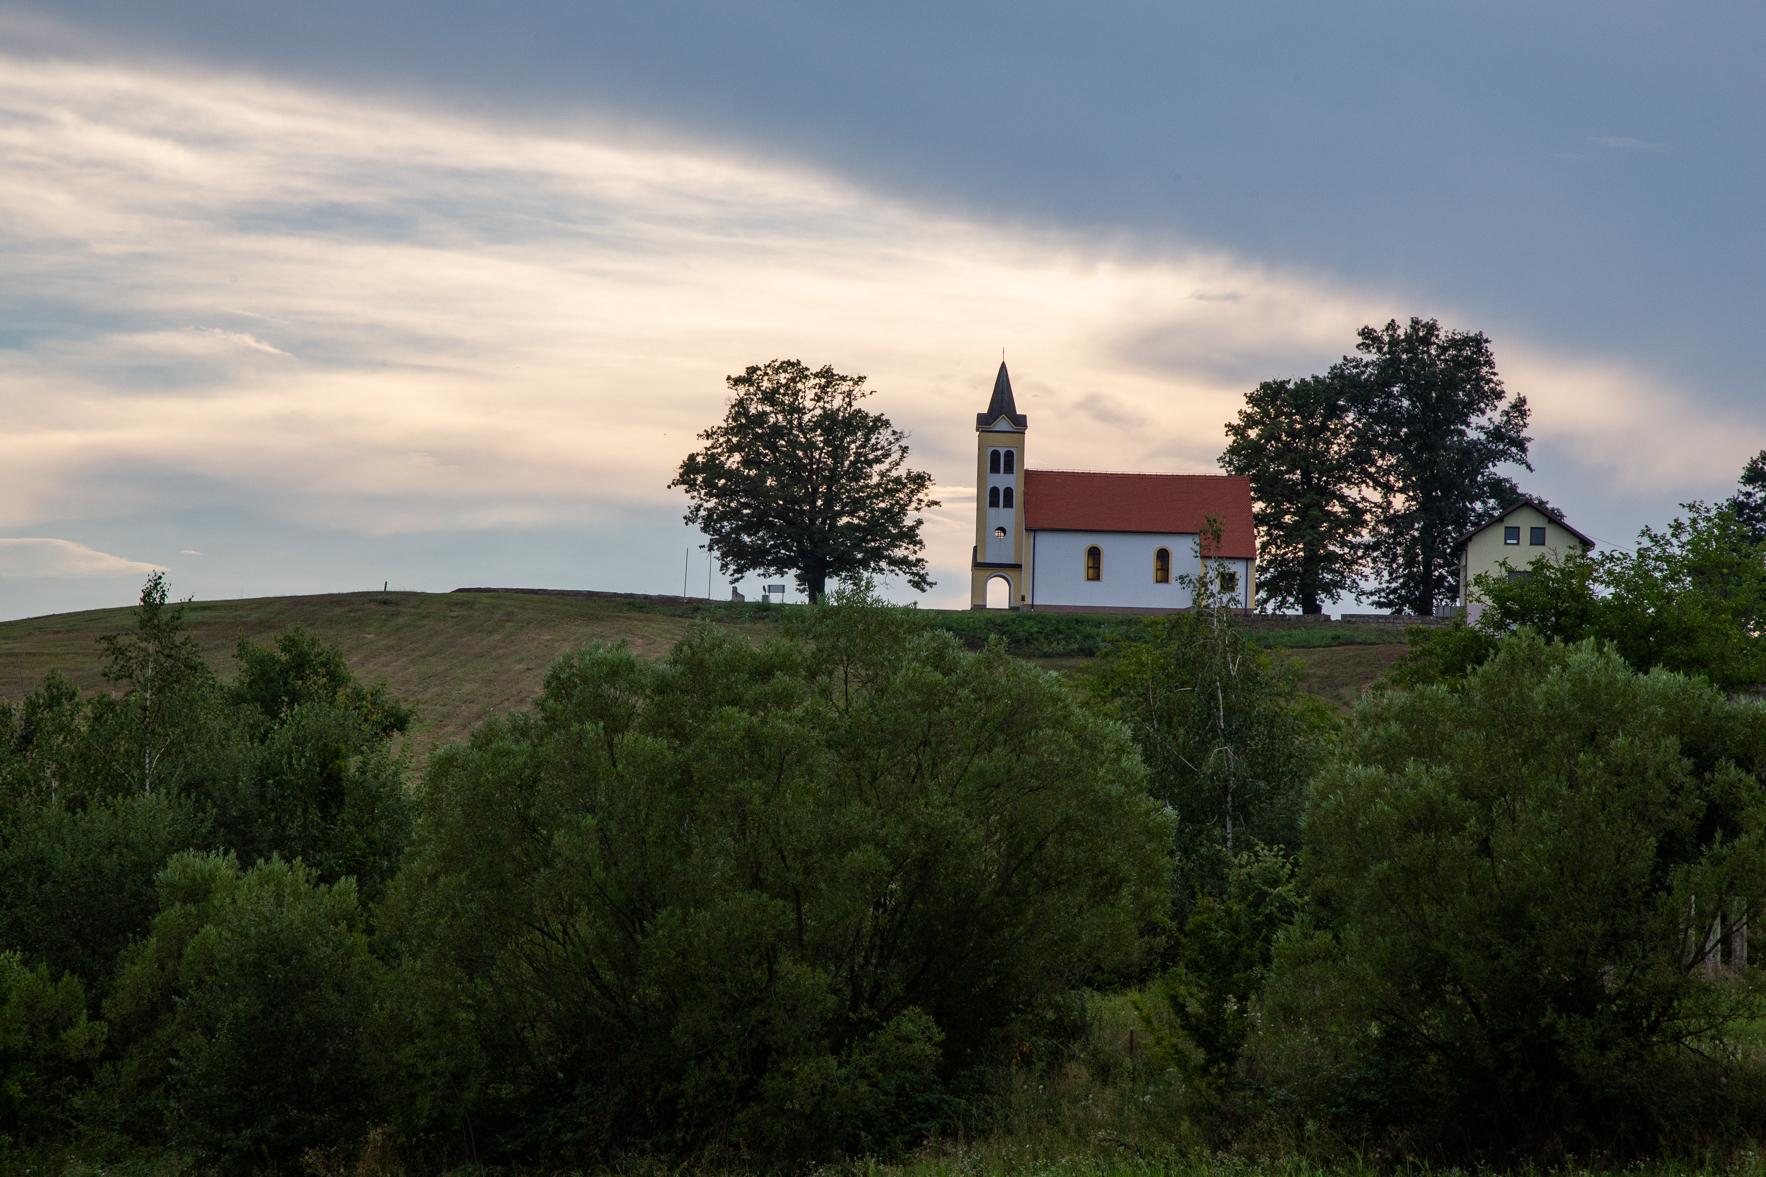 Kościół w miejscowości Ćelinovac, okolice Bosanskiej Gradiški. Jedno z najważniejszych miejsc spotkań Polaków mieszkających na terenie Bośni i Hercegowiny.